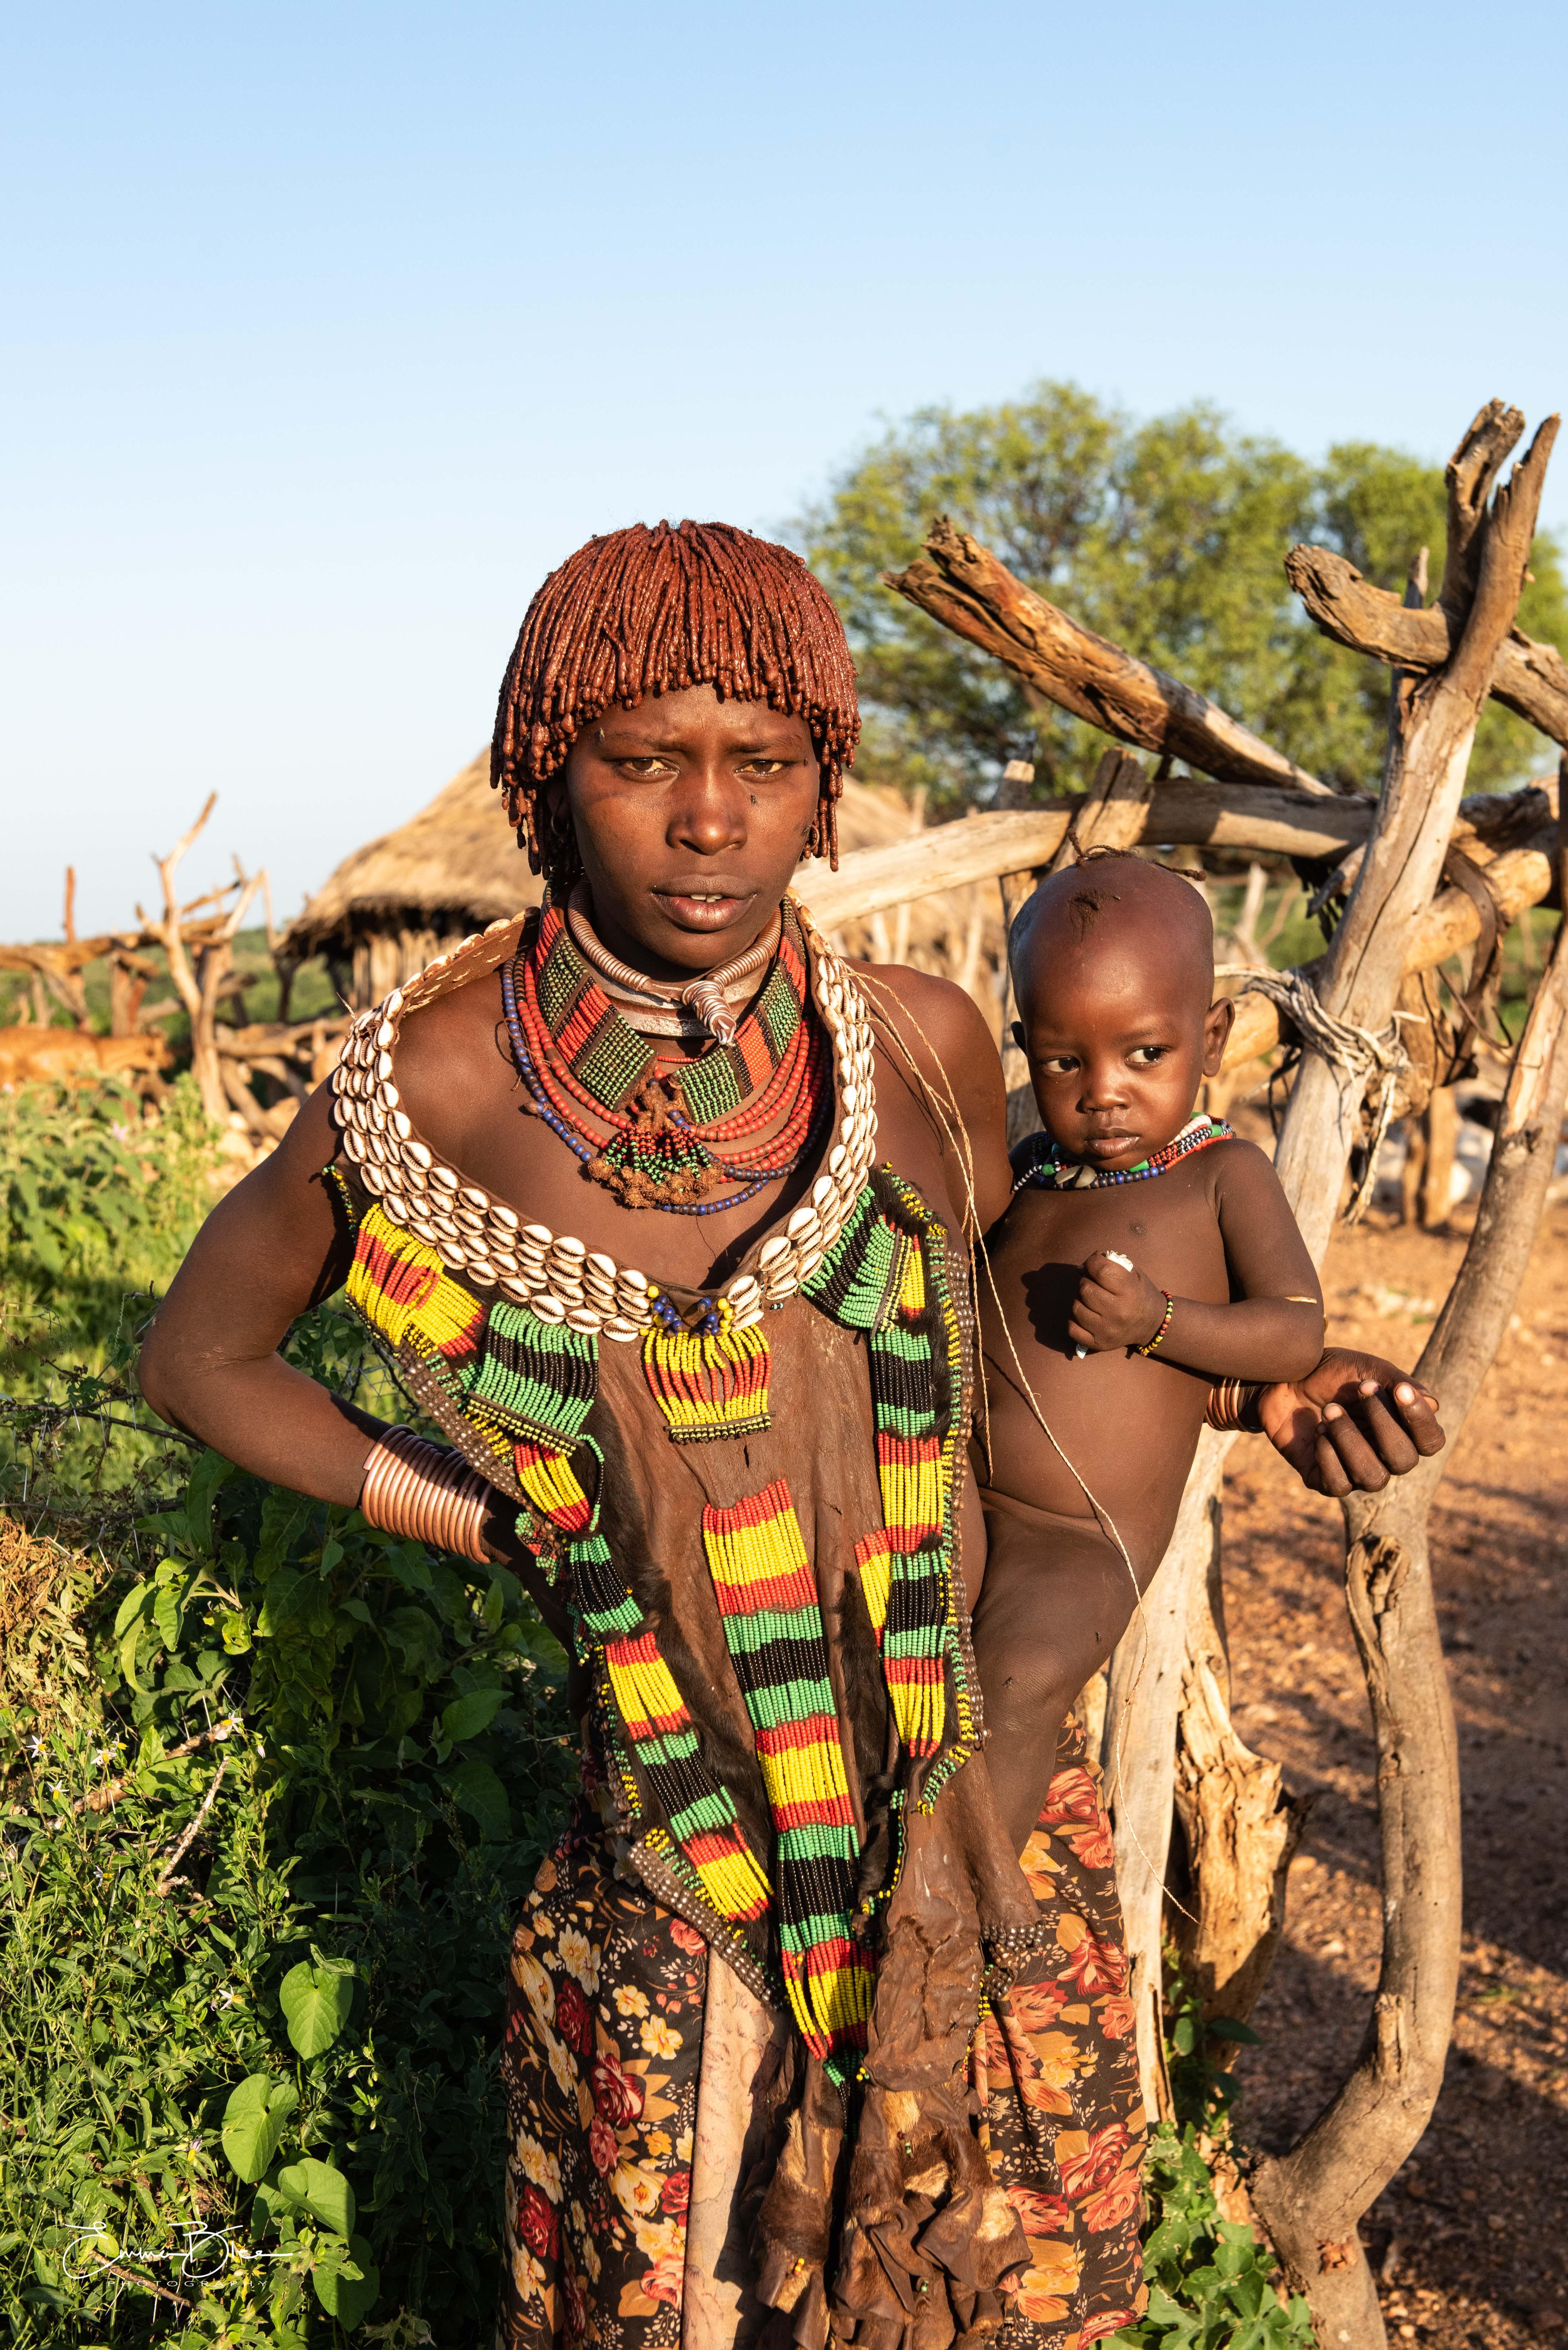 EB_20_01_16_Ethiopia_4504